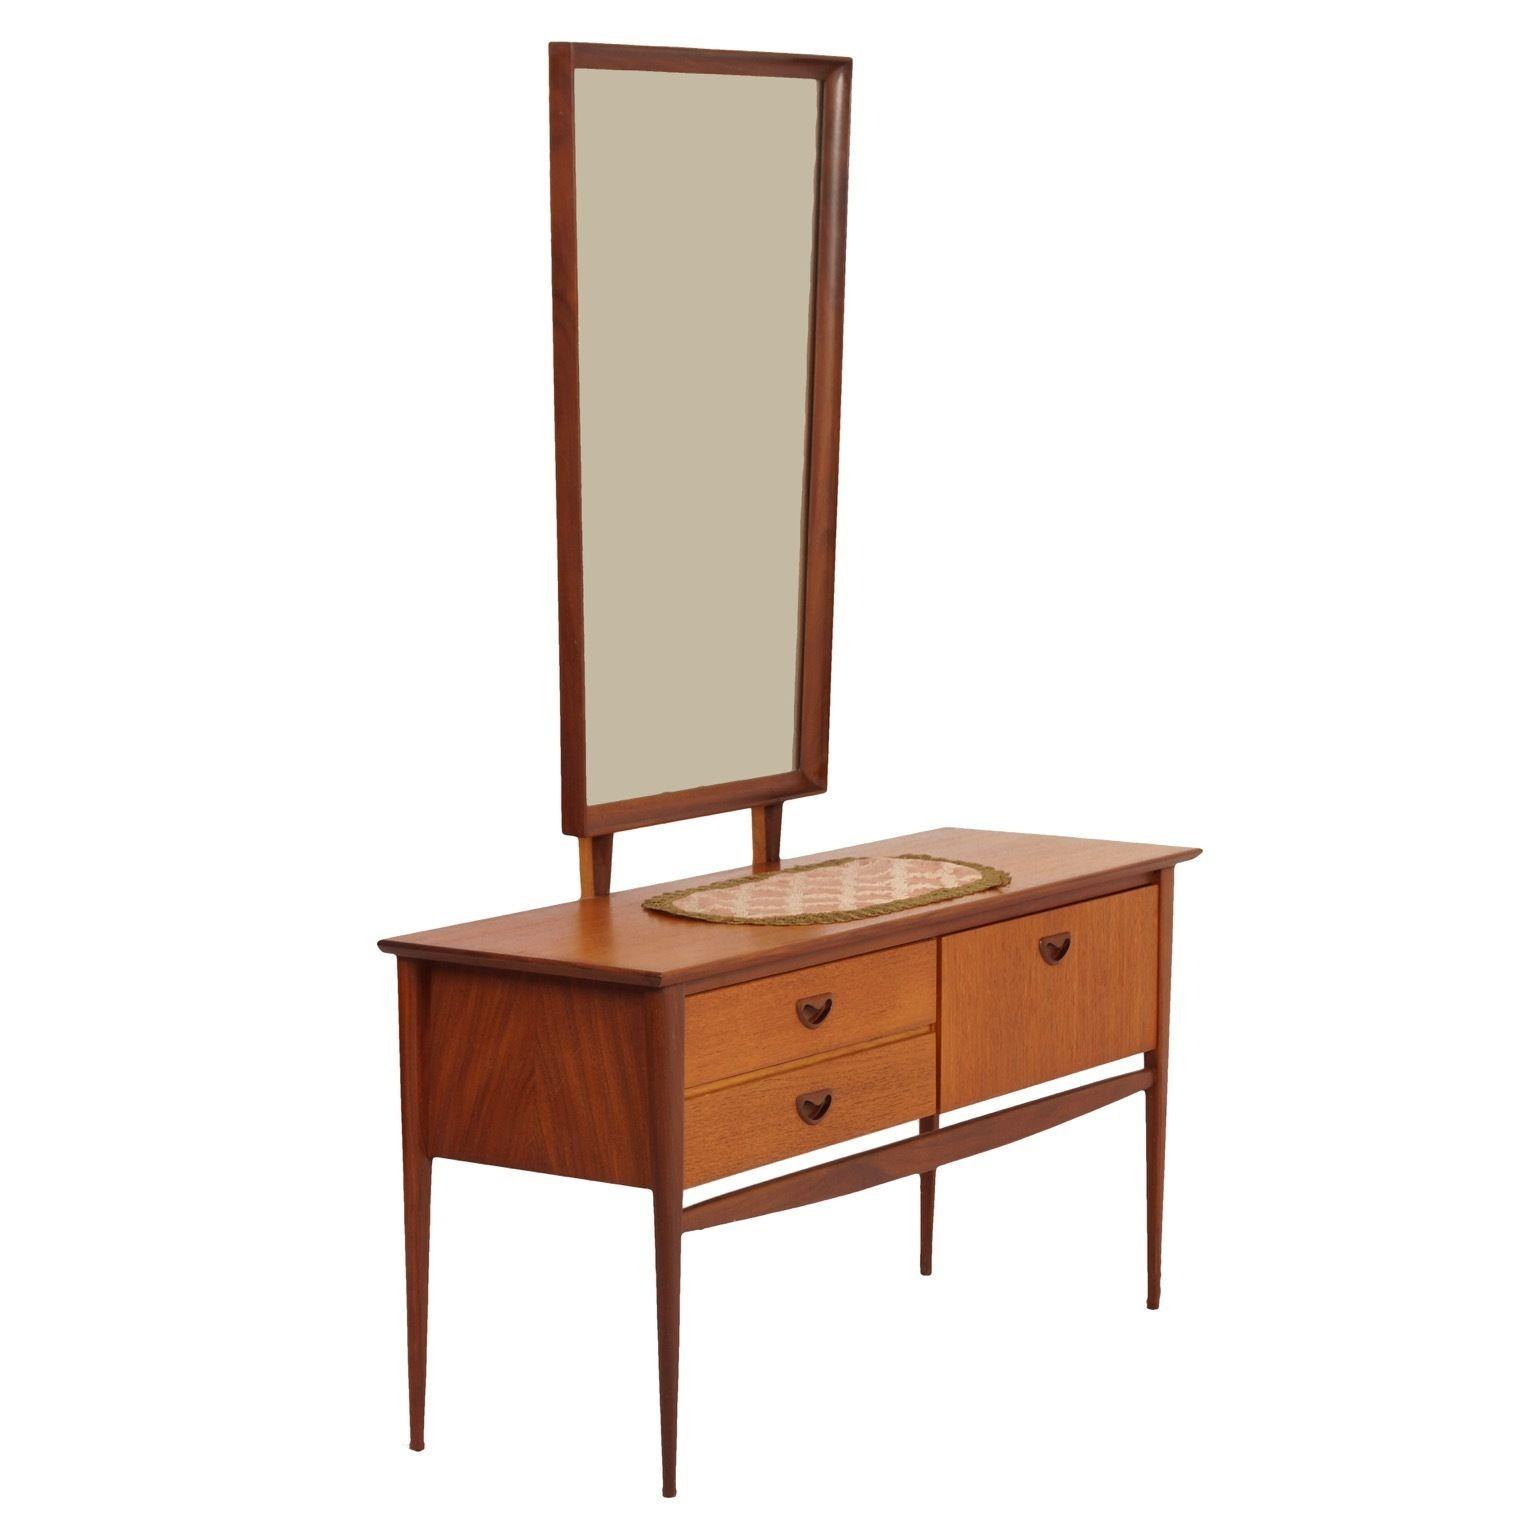 Teak Dressing Table By Louis Van Teeffelen For Webe 1960s Teak Dressing Table Design Dressing Table For Sale